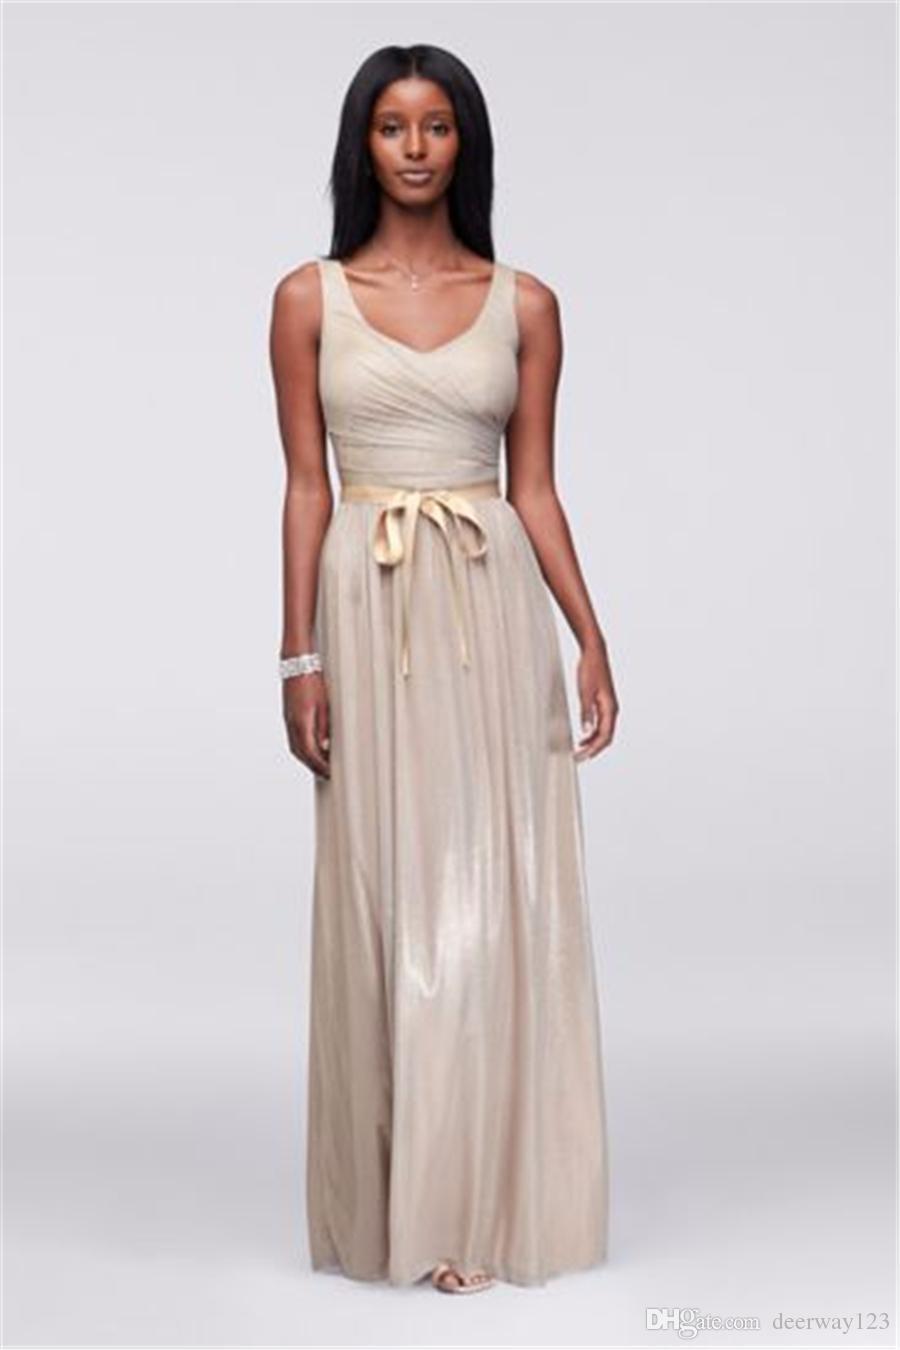 Geraffte V-Ausschnitt Bodice Metallic-Folie Abendkleid mit geraffte Taille Champagne Bodenlänge 263343 Prom Dresses vestido de festa curto